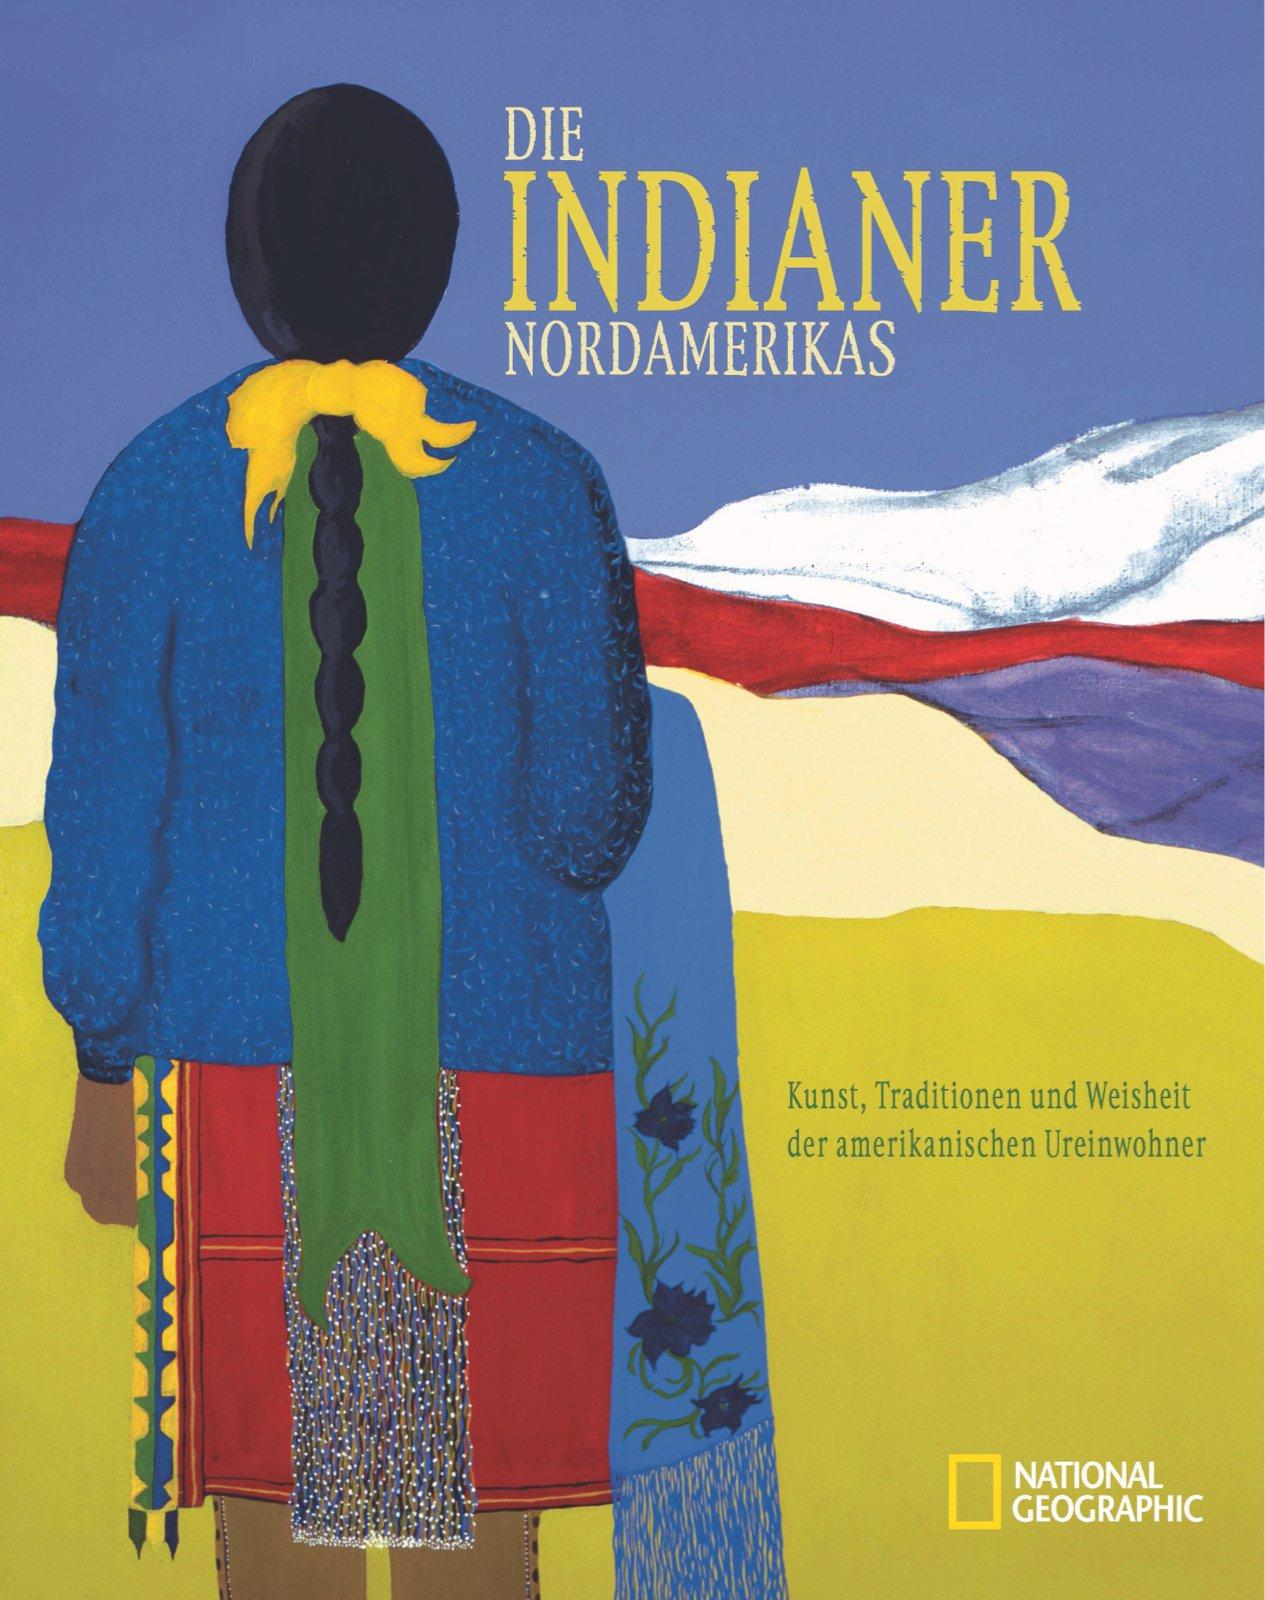 Die Indianer Nordamerikas: Kunst, Traditionen und Weisheit der amerikanischen Ureinwohner